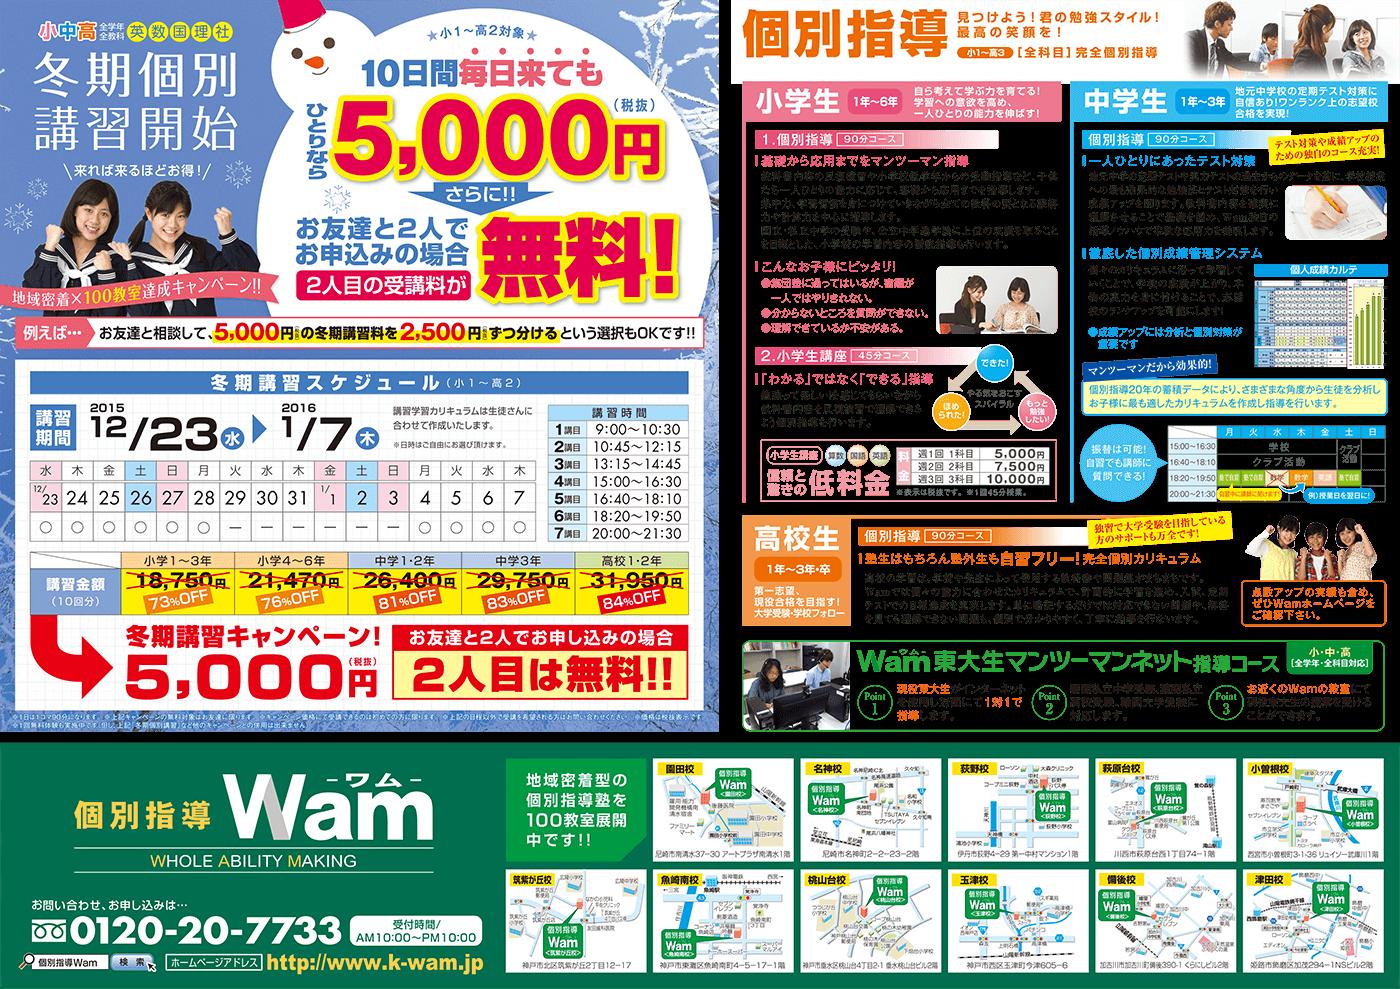 2015年冬期講習 兵庫・ウラ面